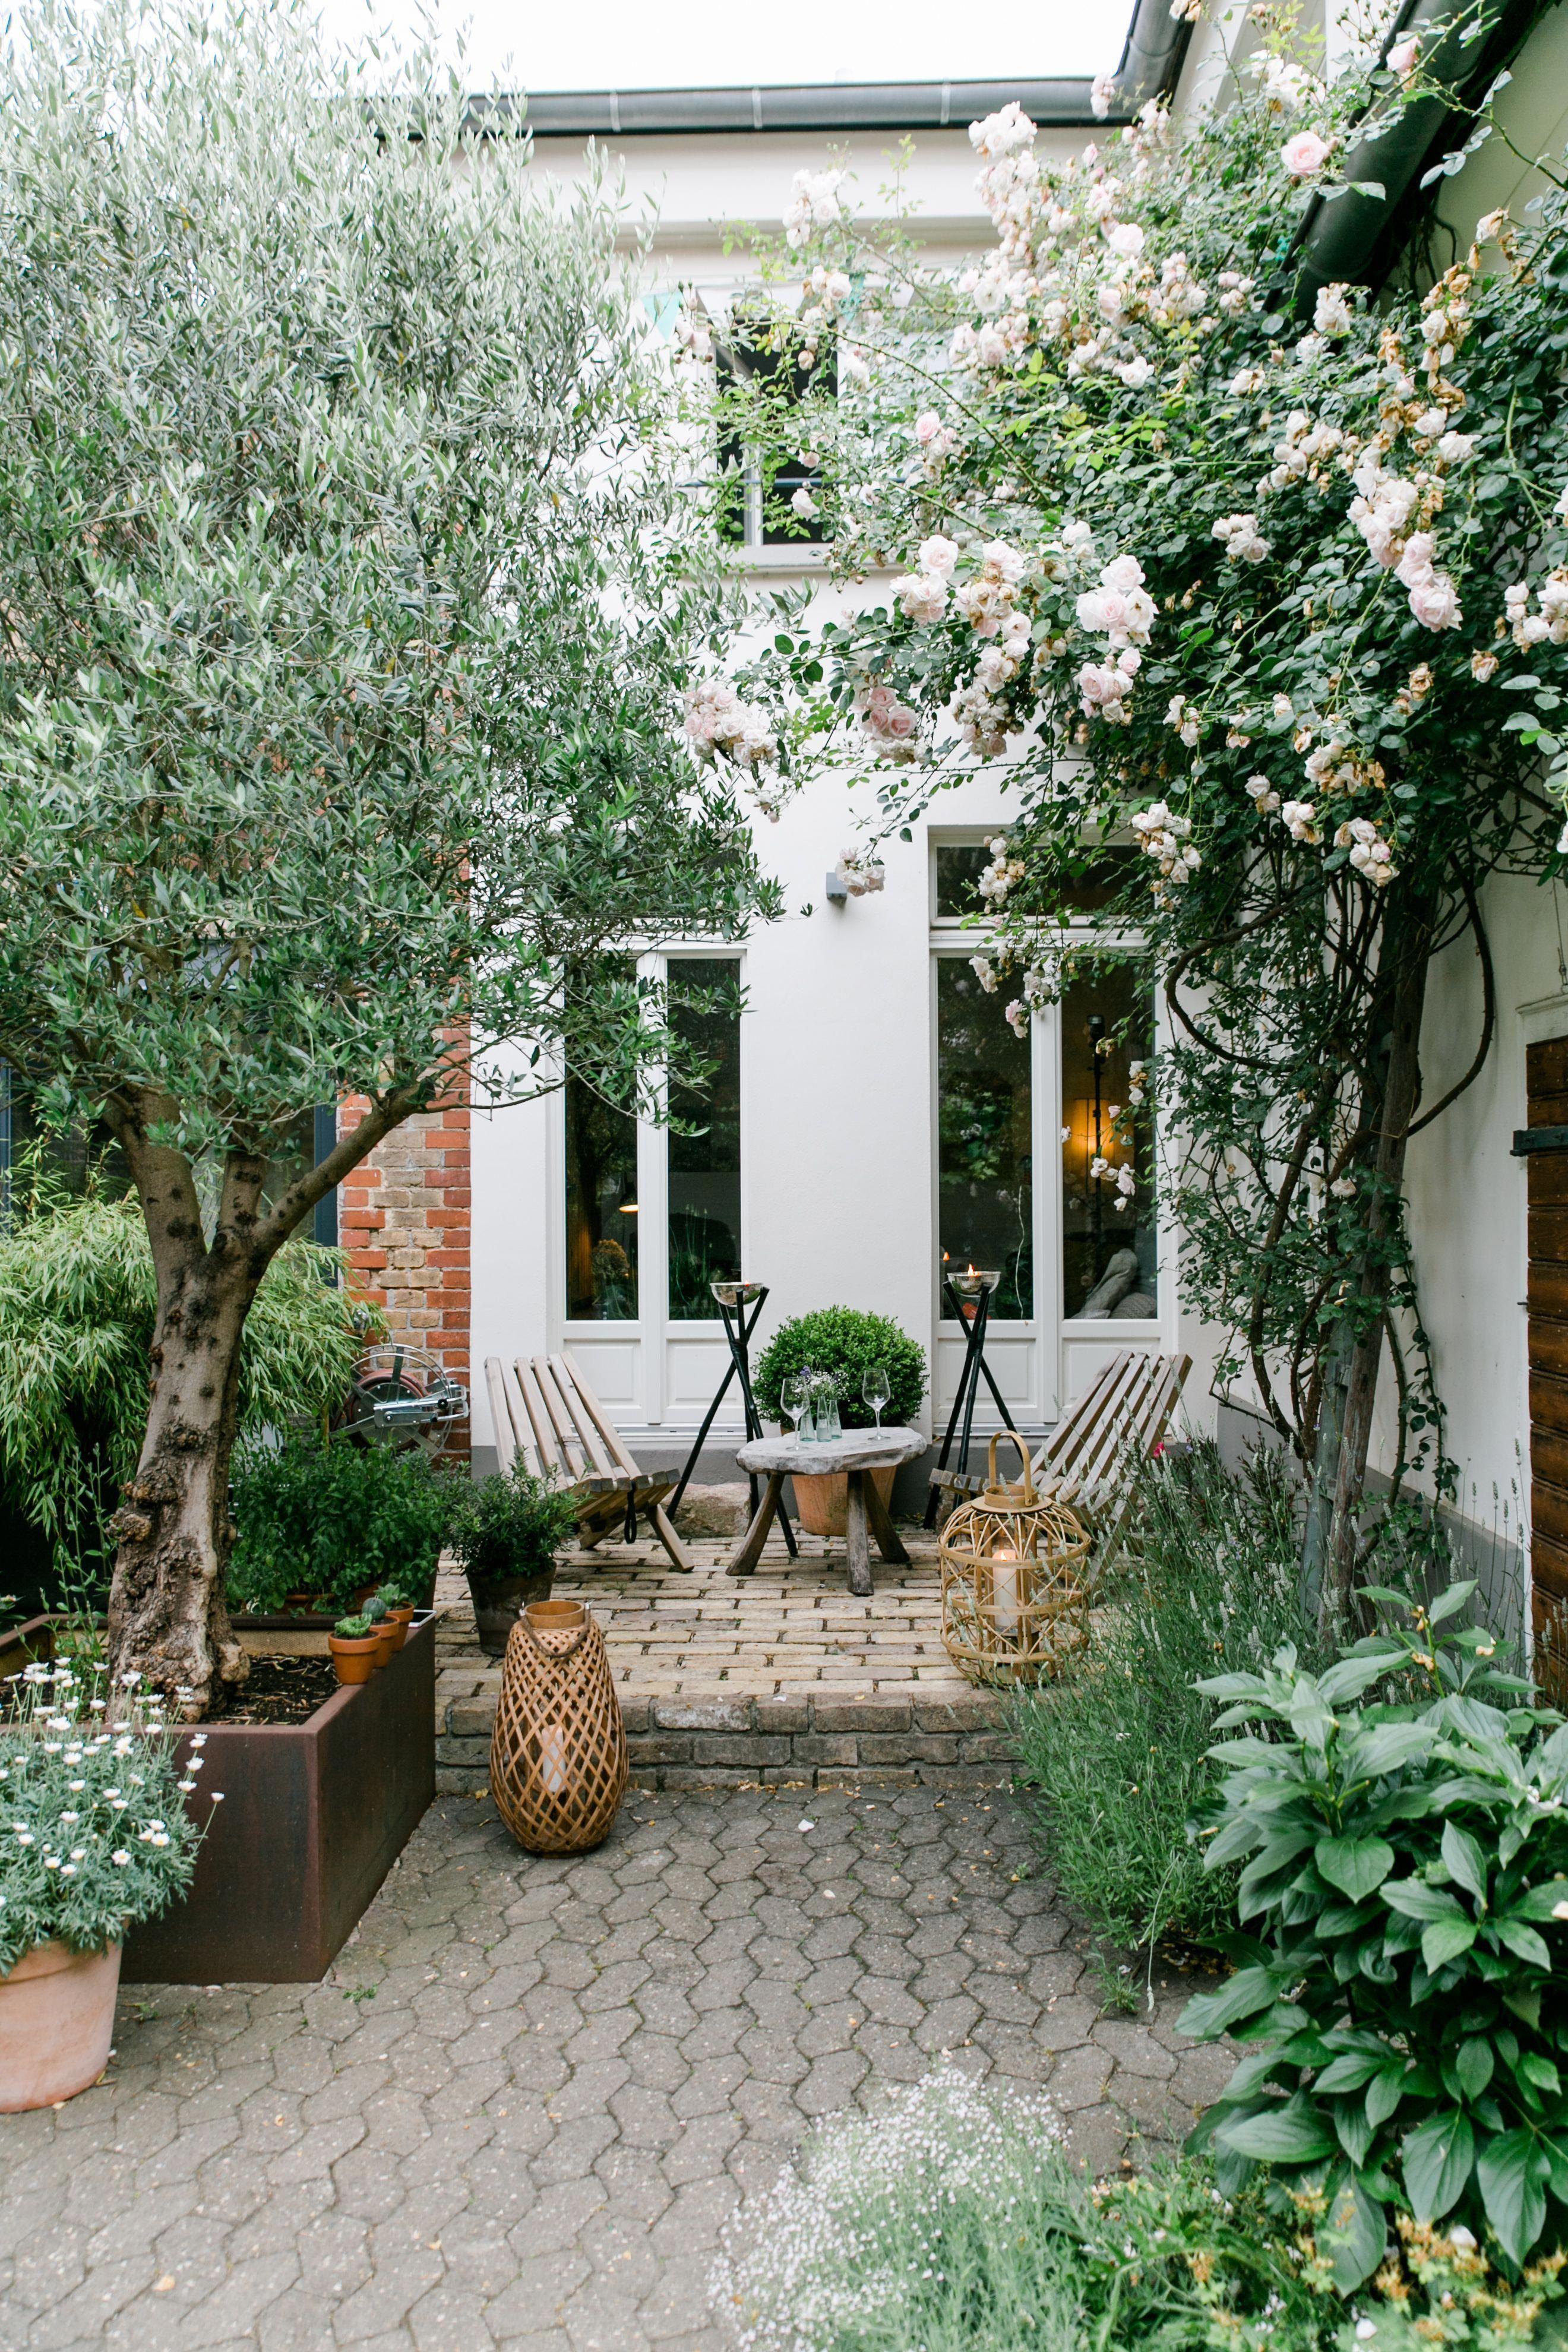 Unser Hofchen Im Hr Fernsehen Heldamherd Townhouse Garden Small Backyard Design Patio Inspiration Townhouse backyard design ideas